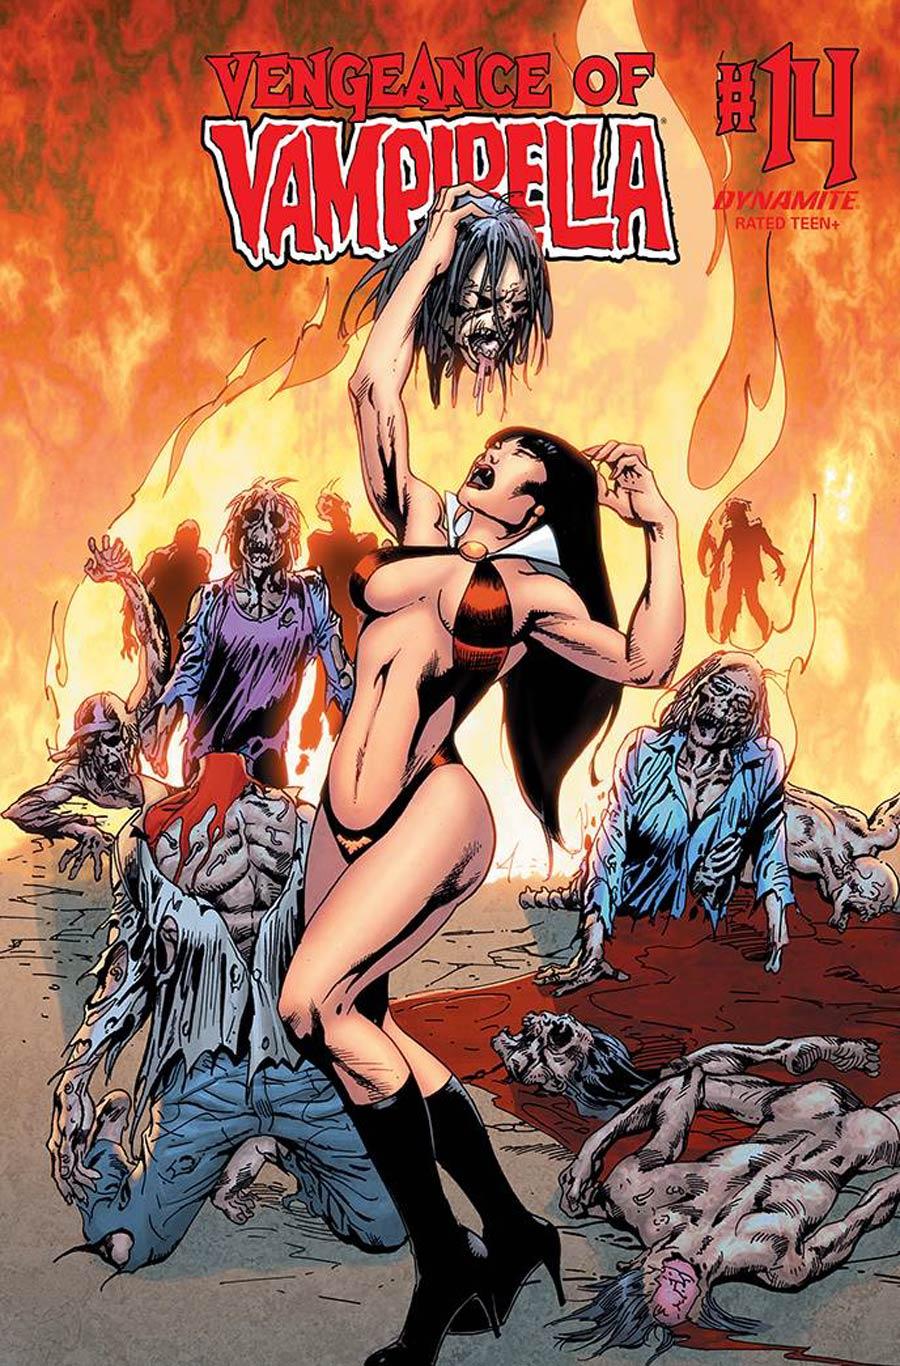 Vengeance Of Vampirella Vol 2 #14 Cover E Variant Roberto Castro Cover